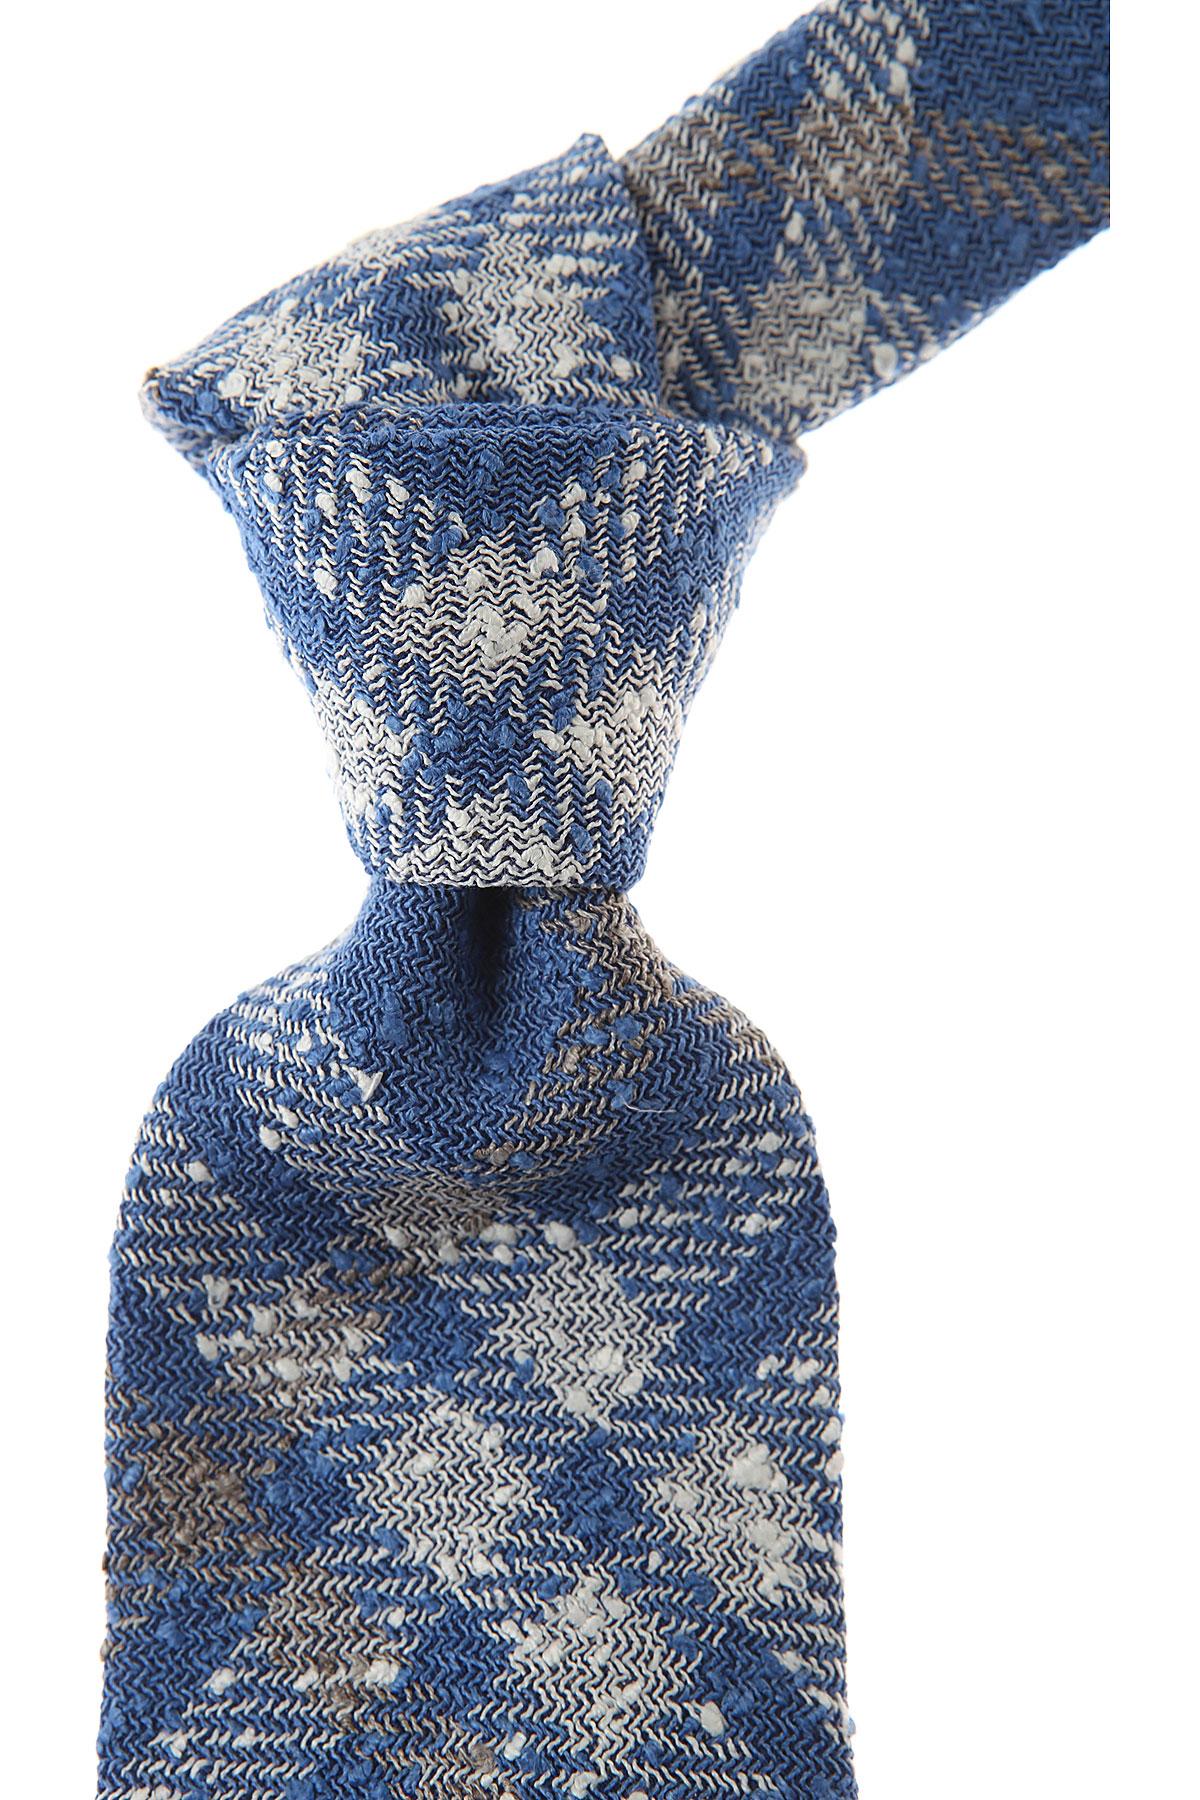 Belvest Cravates Pas cher en Soldes, Bleu ciel, Lin, 2017